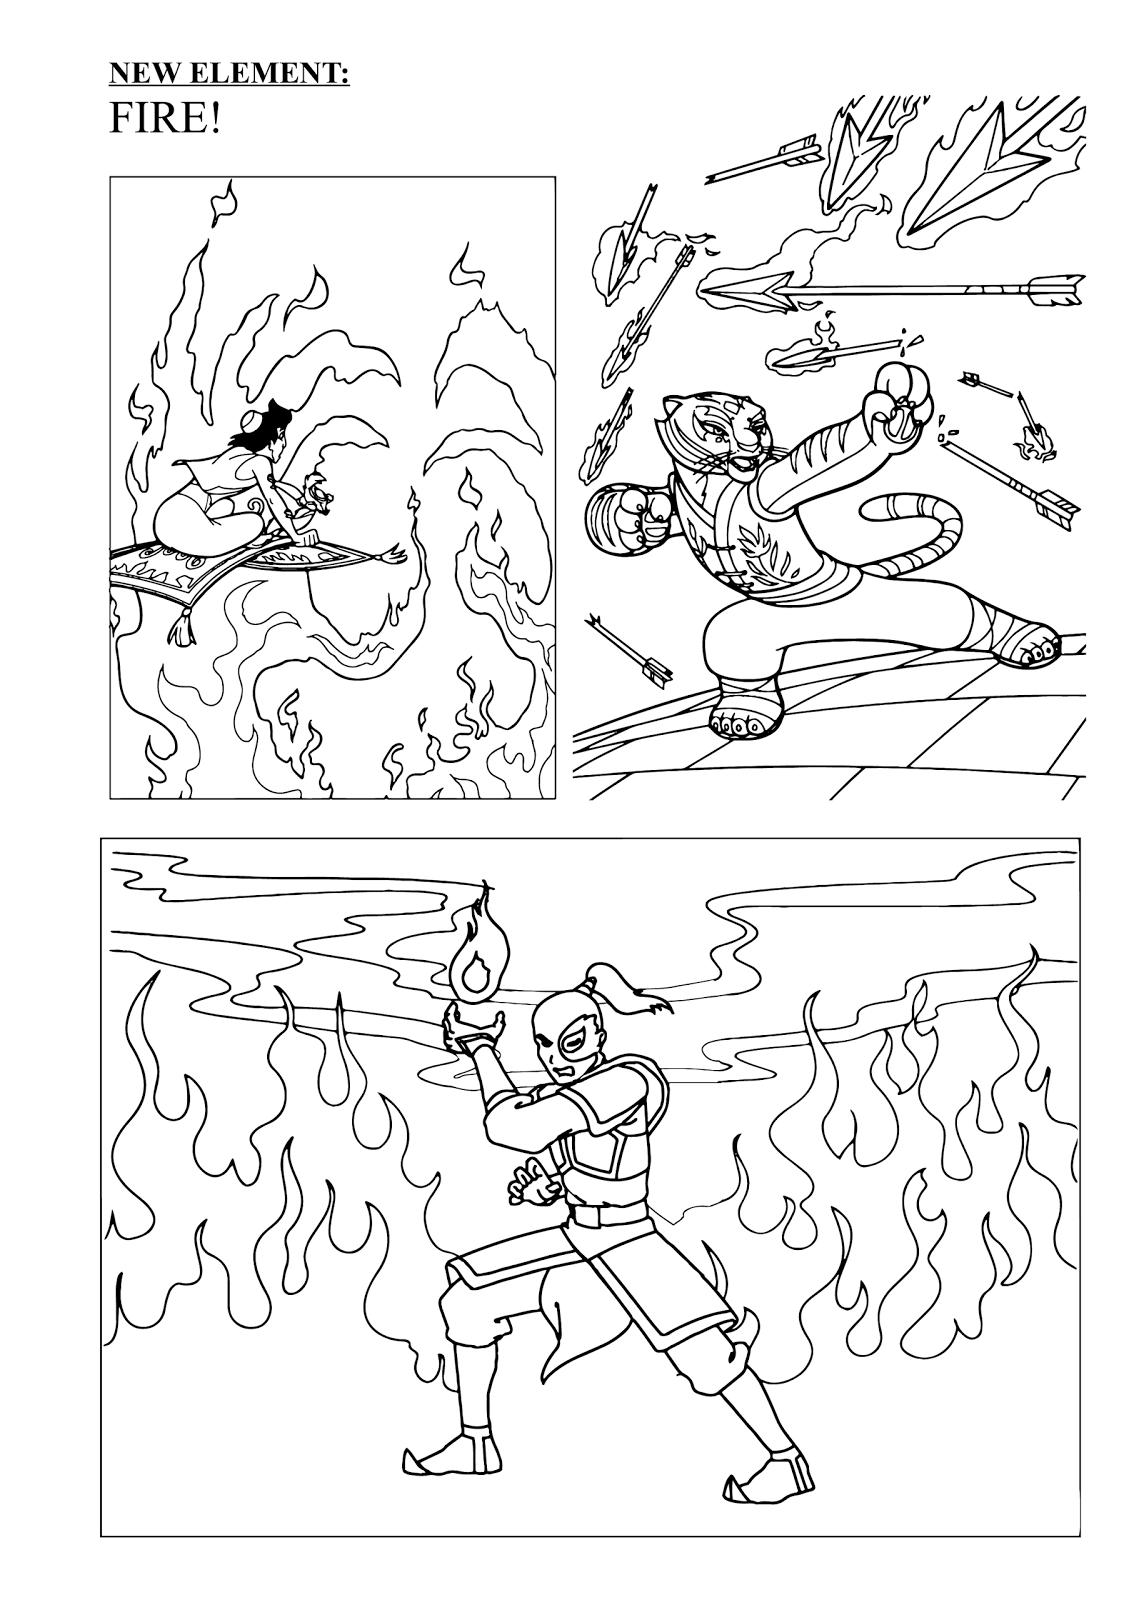 Páginas para colorear originales Original coloring pages: New ...